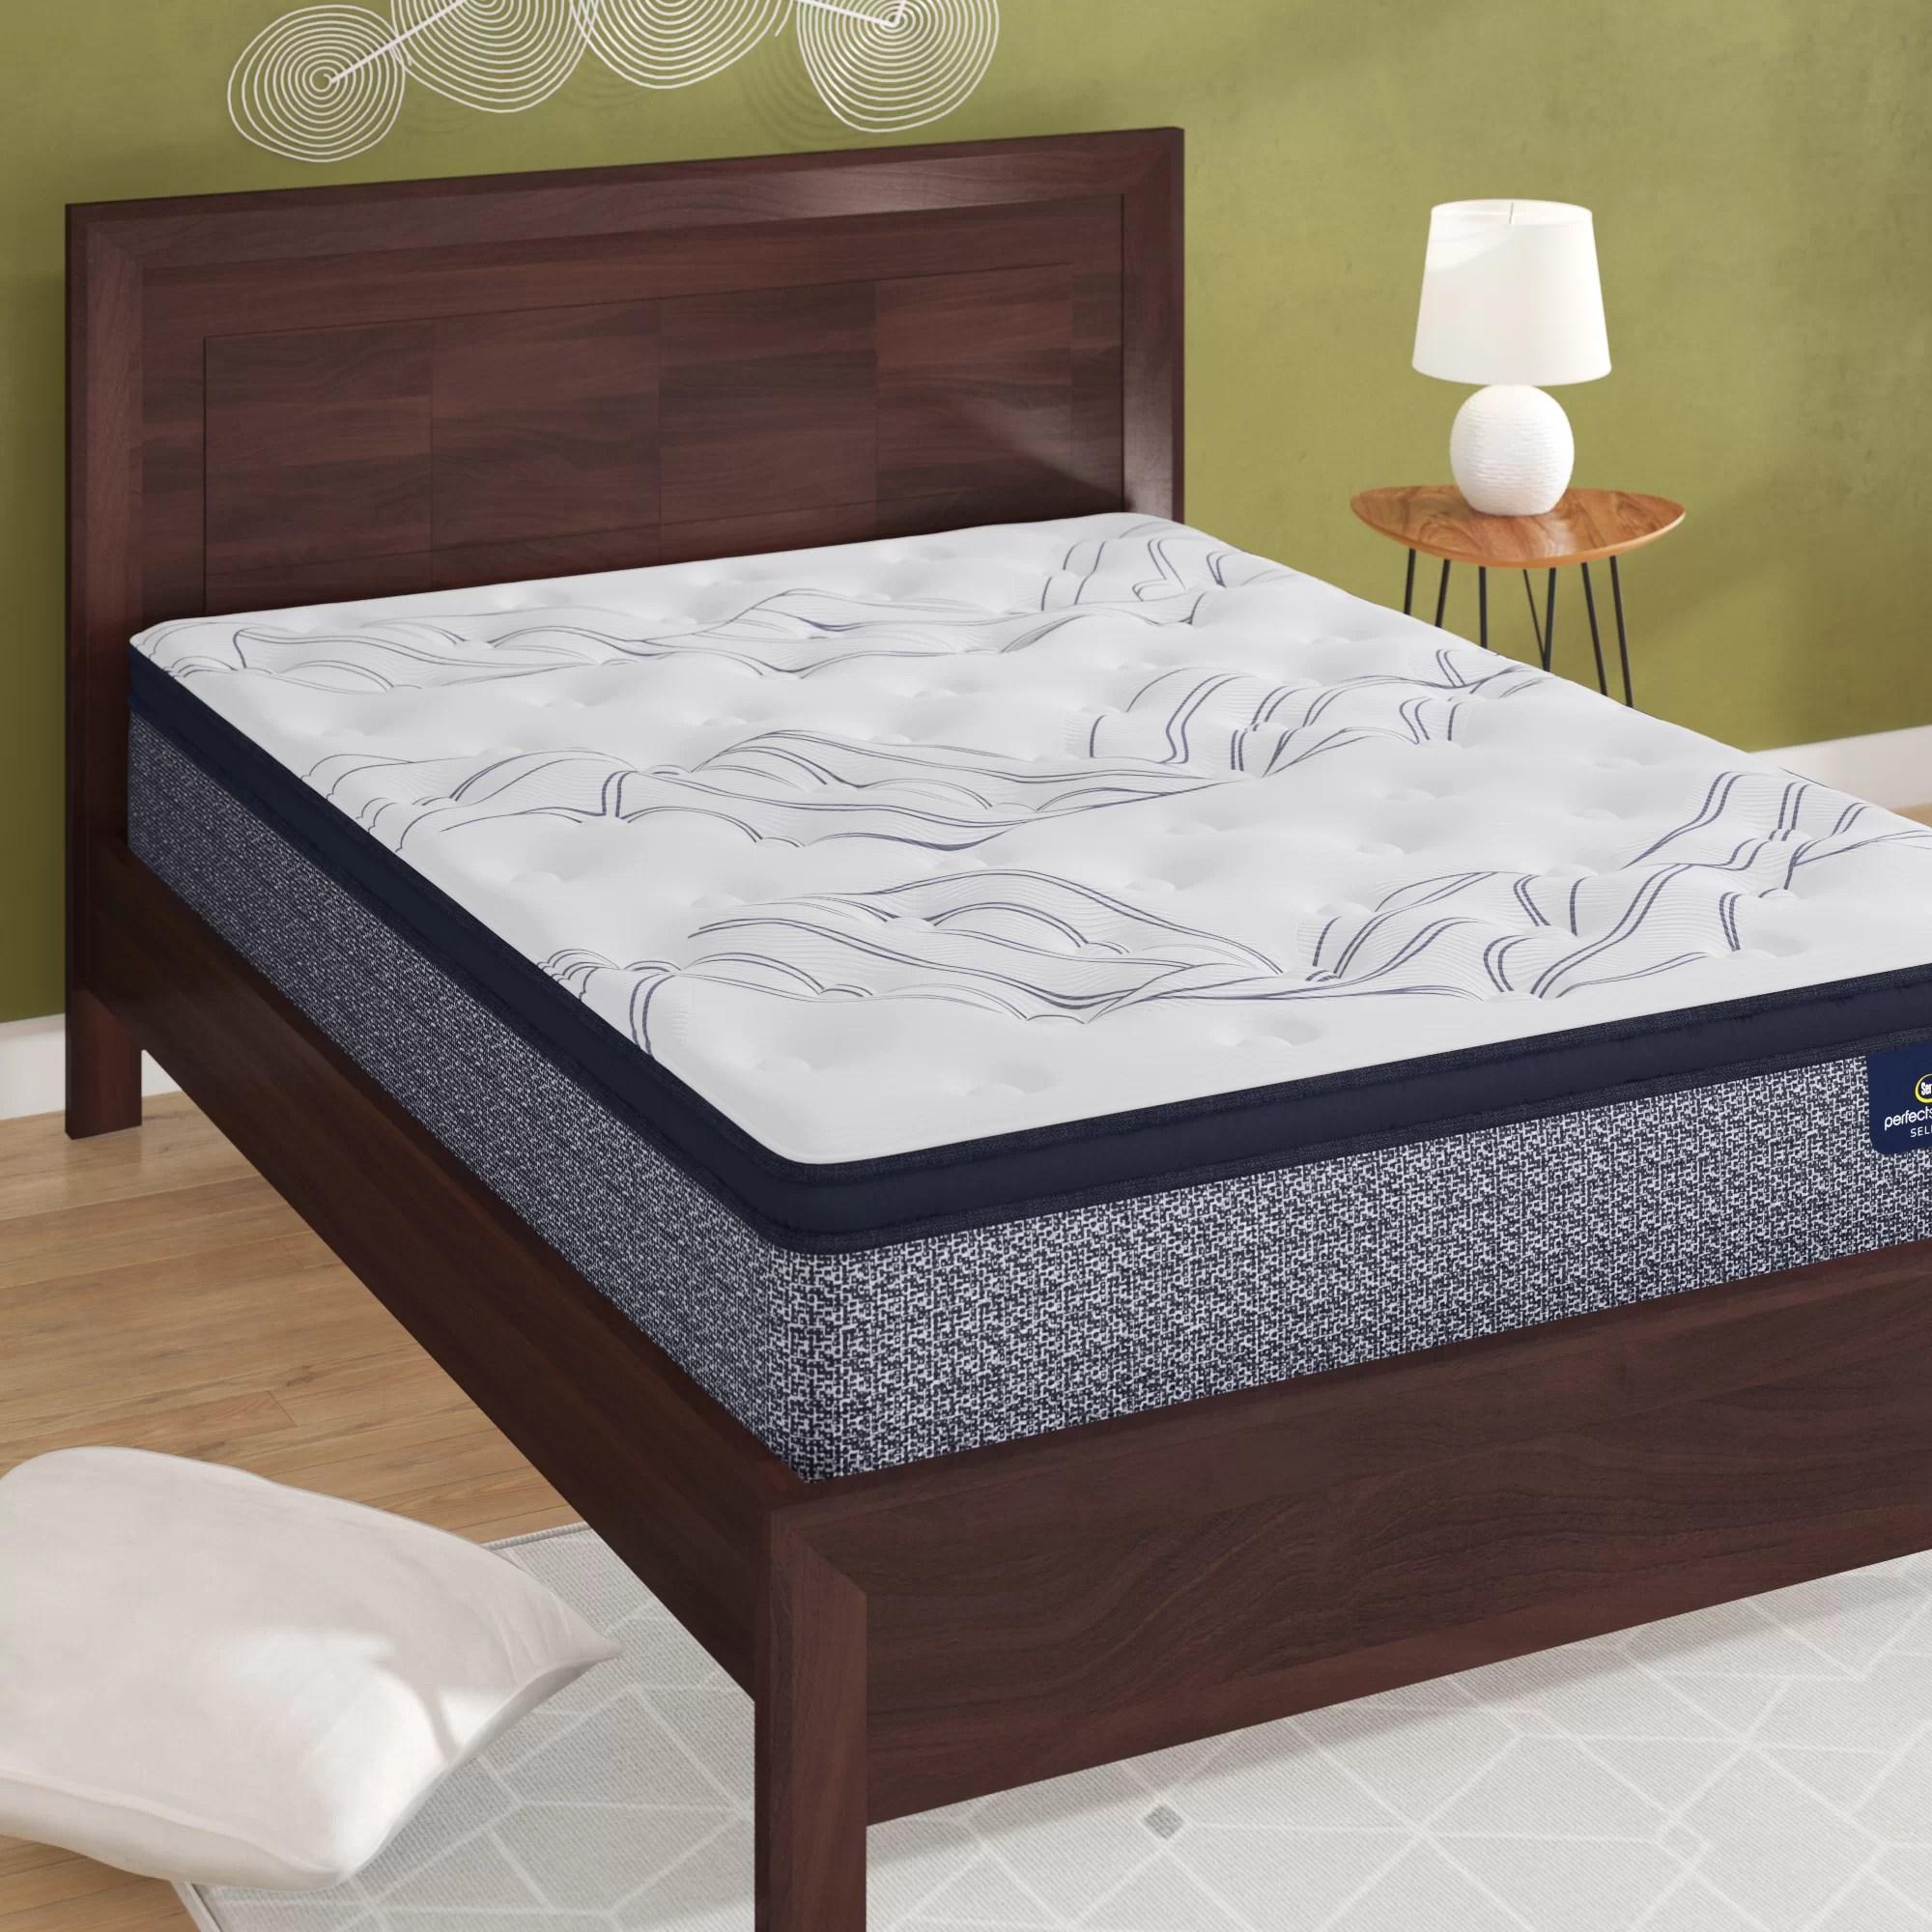 serta perfect sleeper 14 firm pillow top hybrid mattress